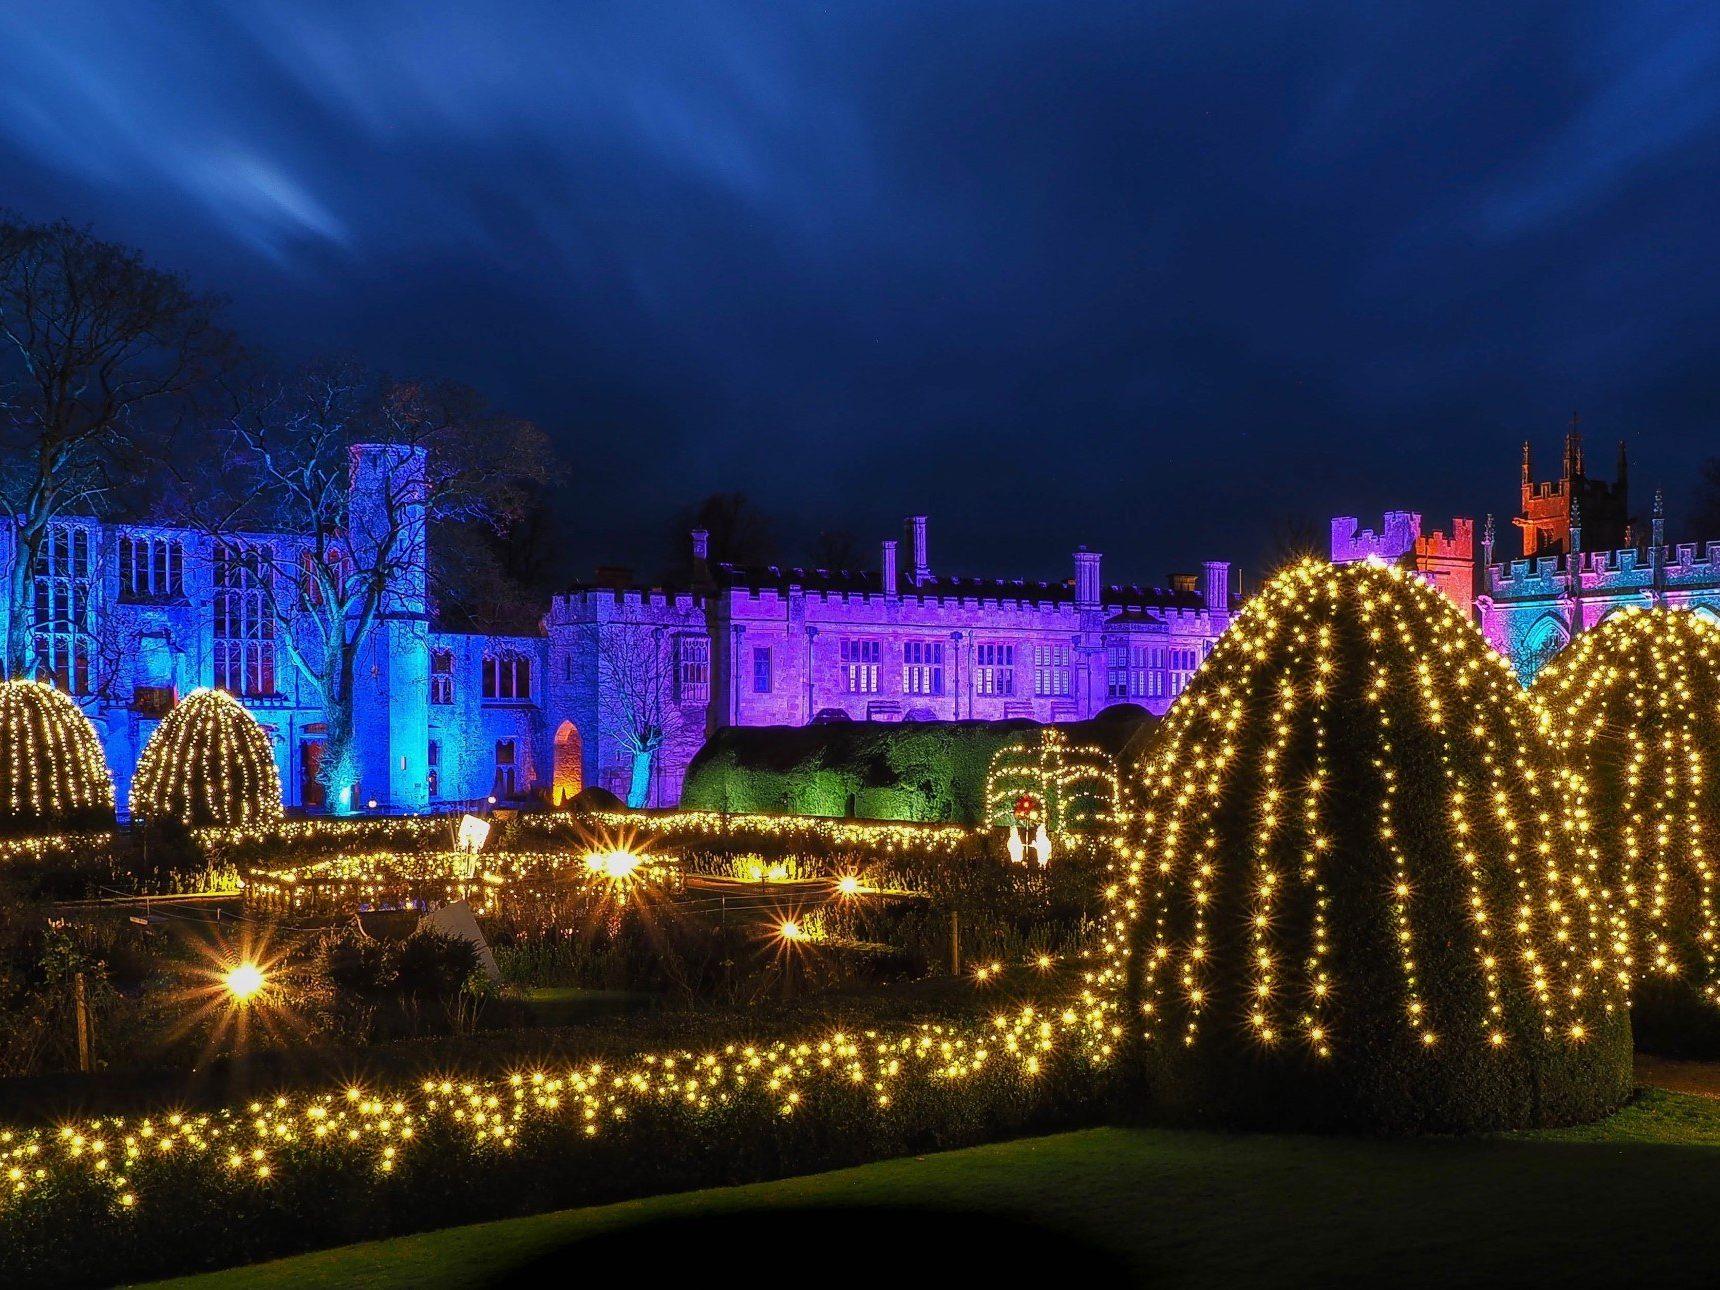 Christmas Spectacular Queen's Garden lit up